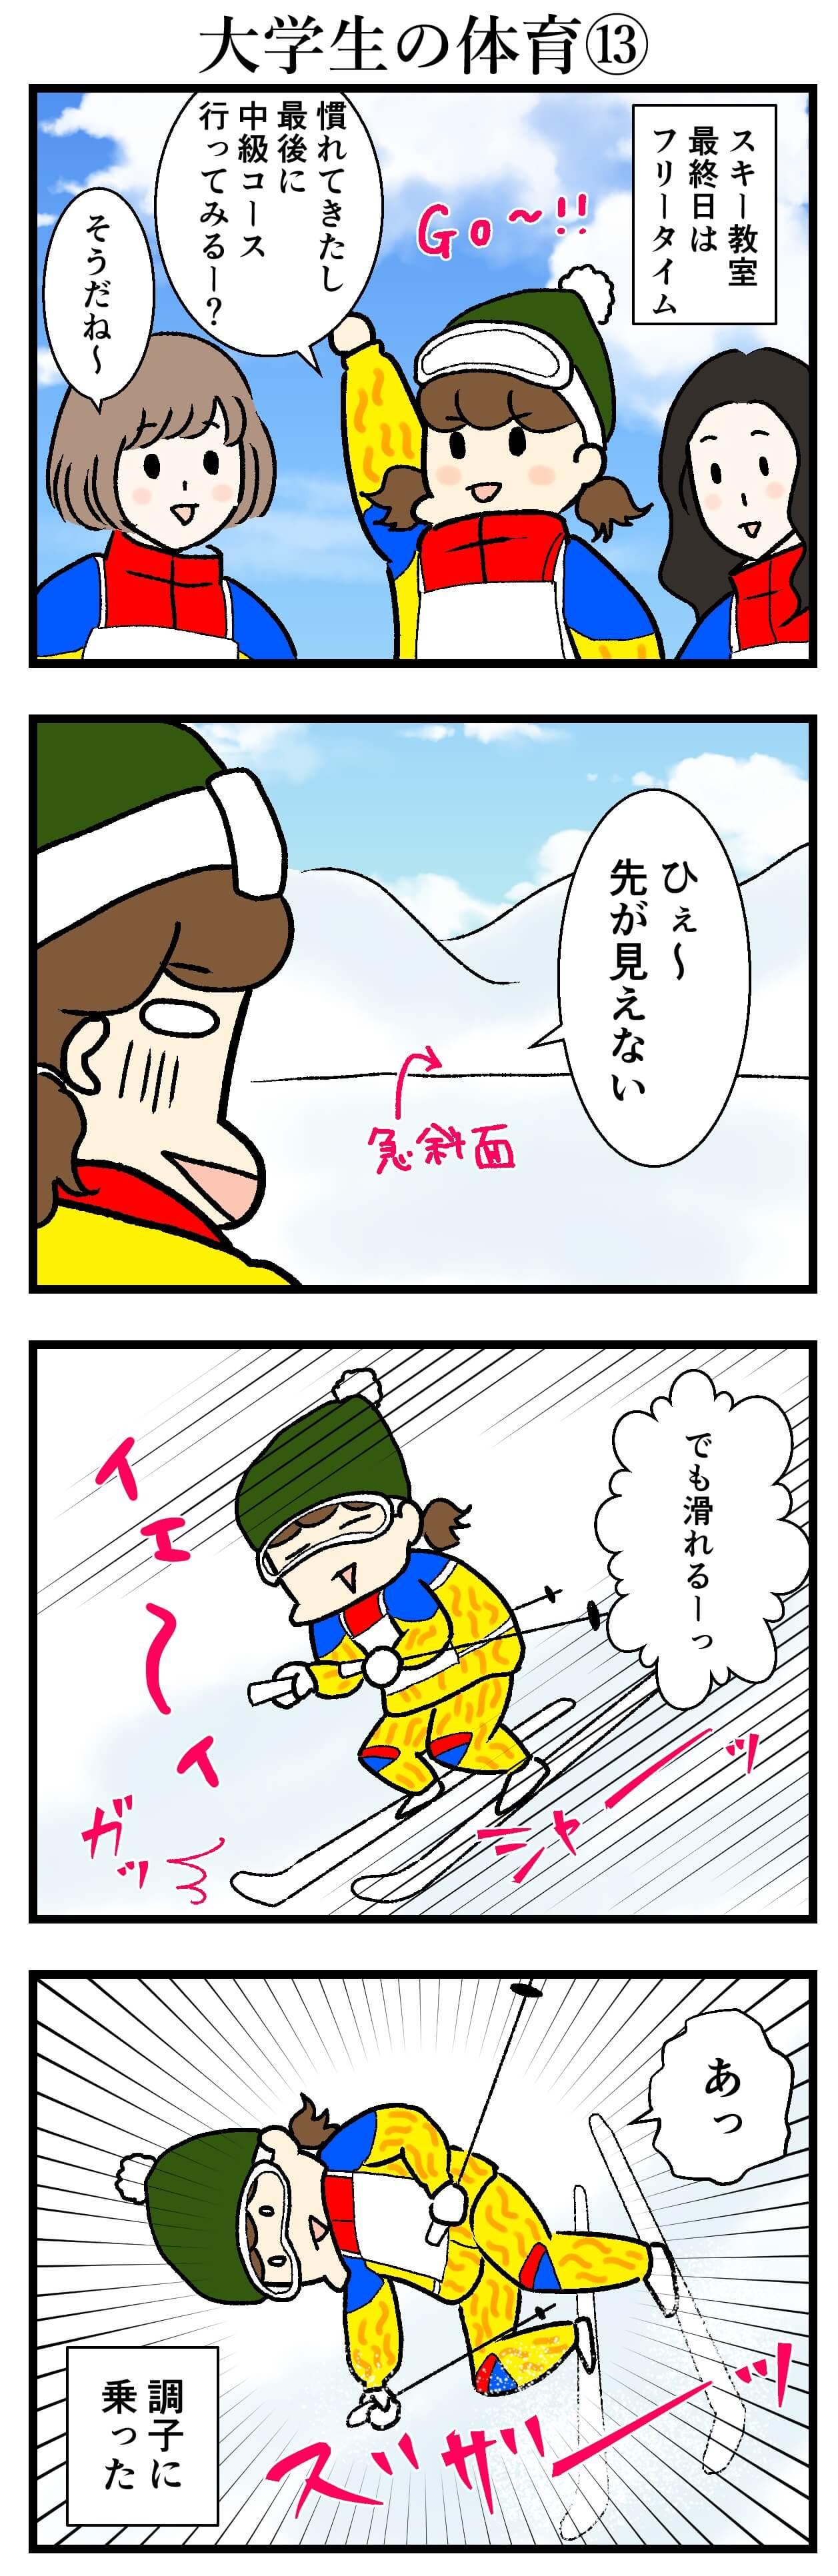 【エッセイ漫画】アラサー主婦くま子のふがいない日常(101)